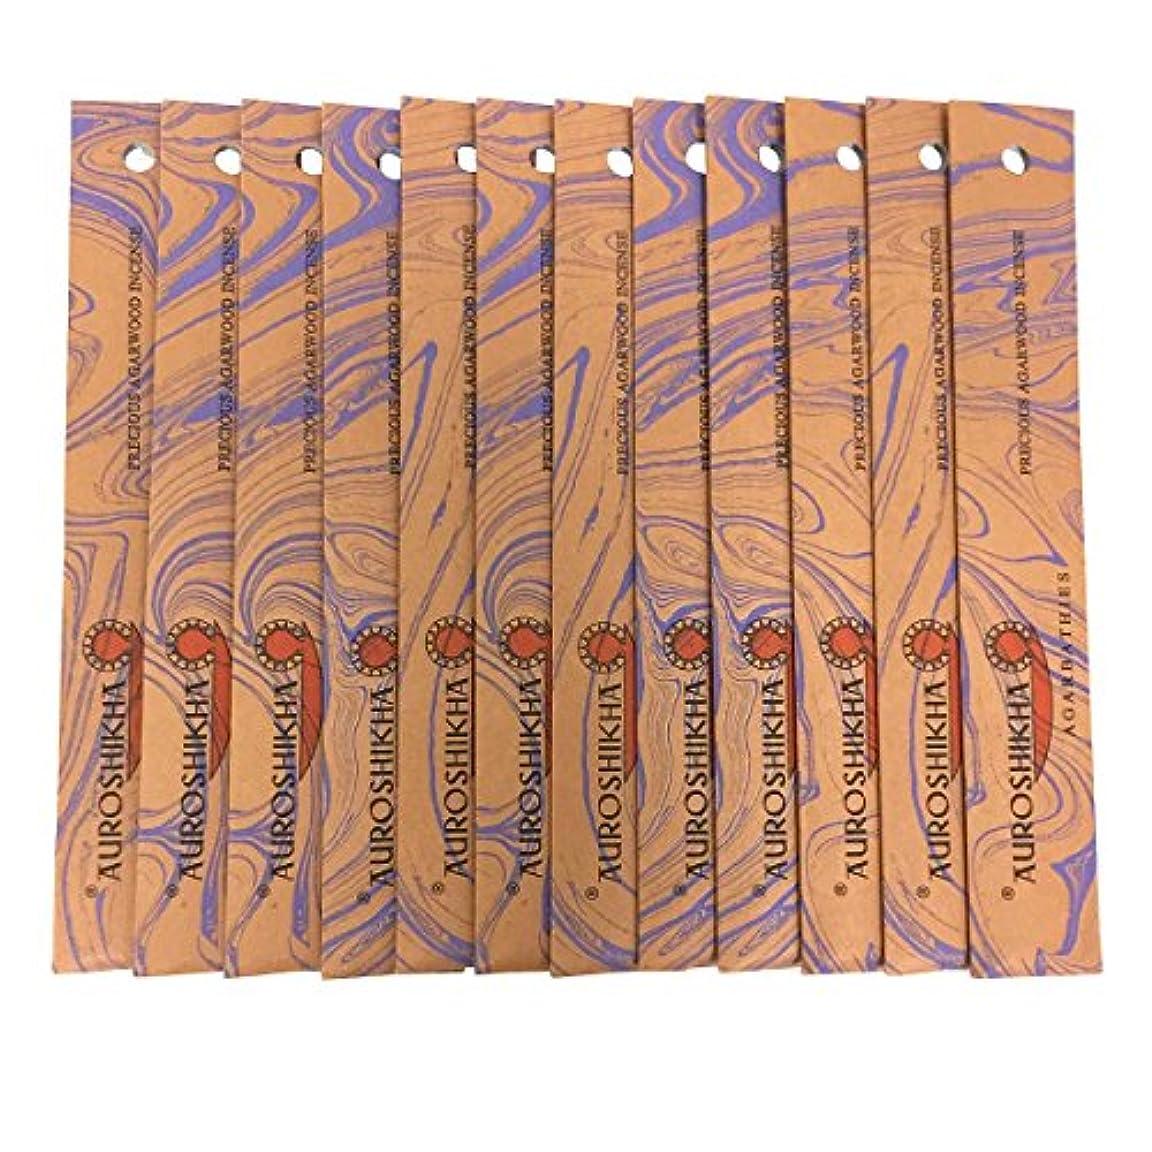 AUROSHIKHA オウロシカ(PRECIOUSAGARWOODプレシャスアガーウッド12個セット) マーブルパッケージスティック 送料無料